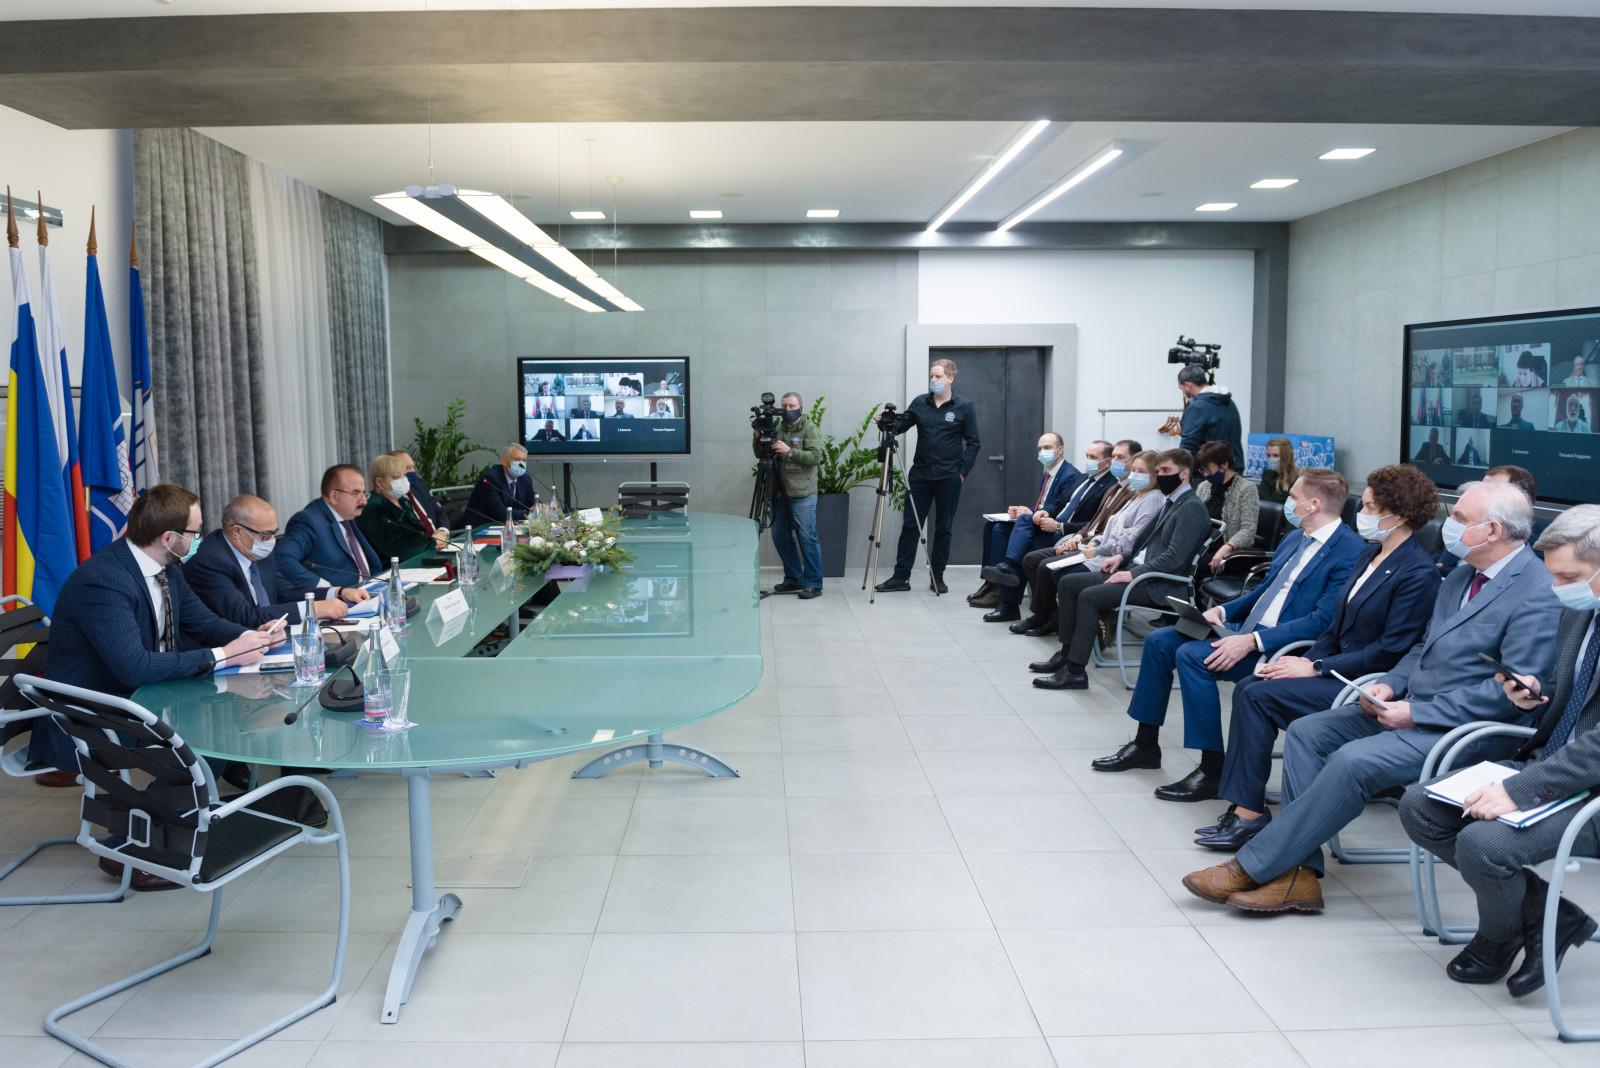 Масштабный инвестпроект «Студенческий городок ДГТУ: 2024» будет реализован в ближайшие несколько лет